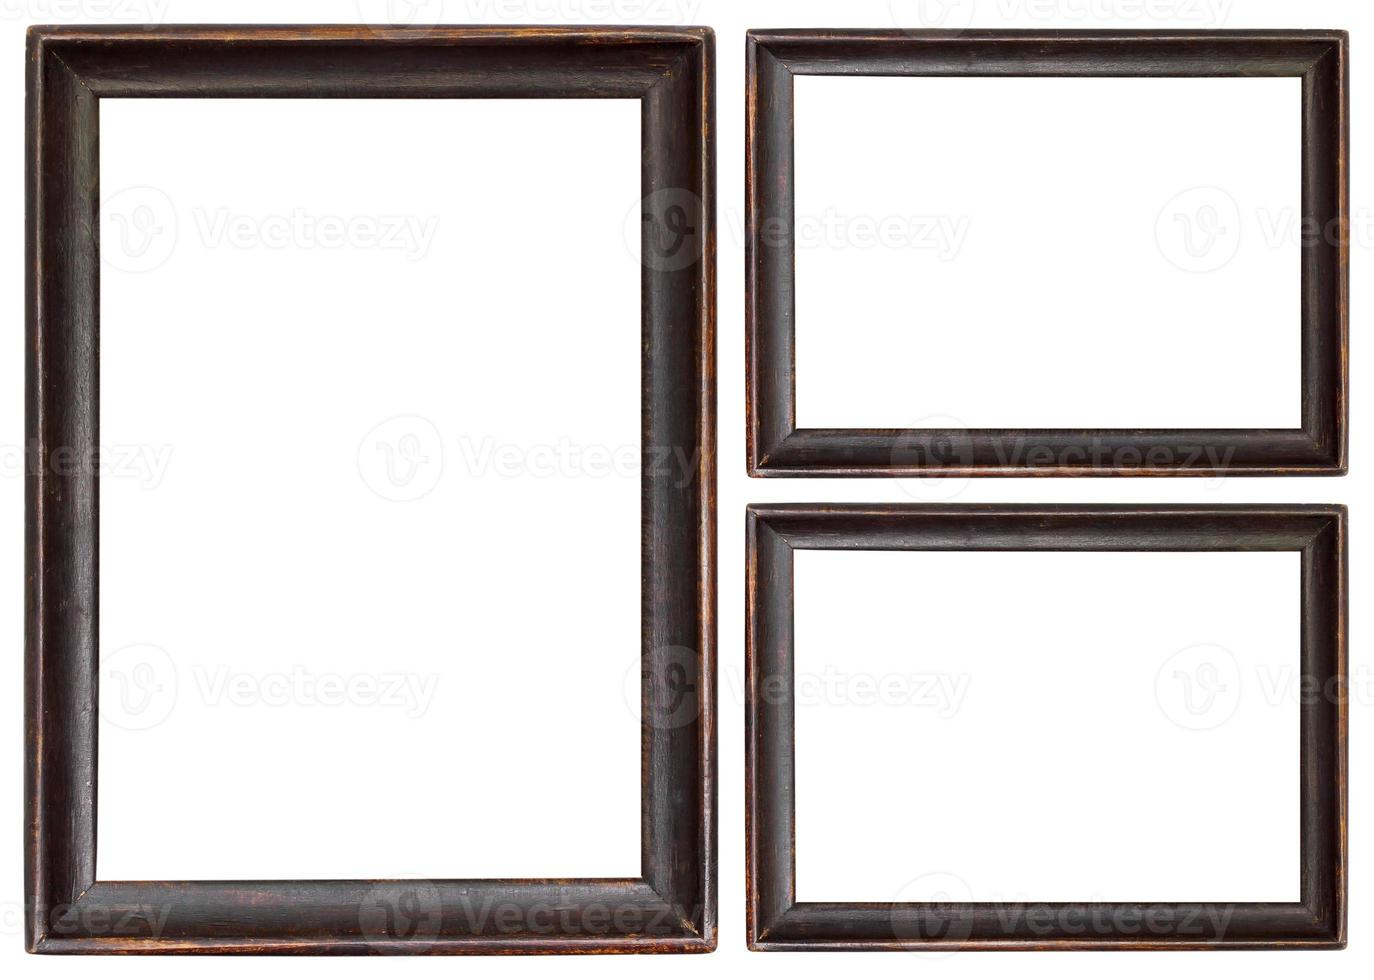 imagem de madeira isolada no branco foto